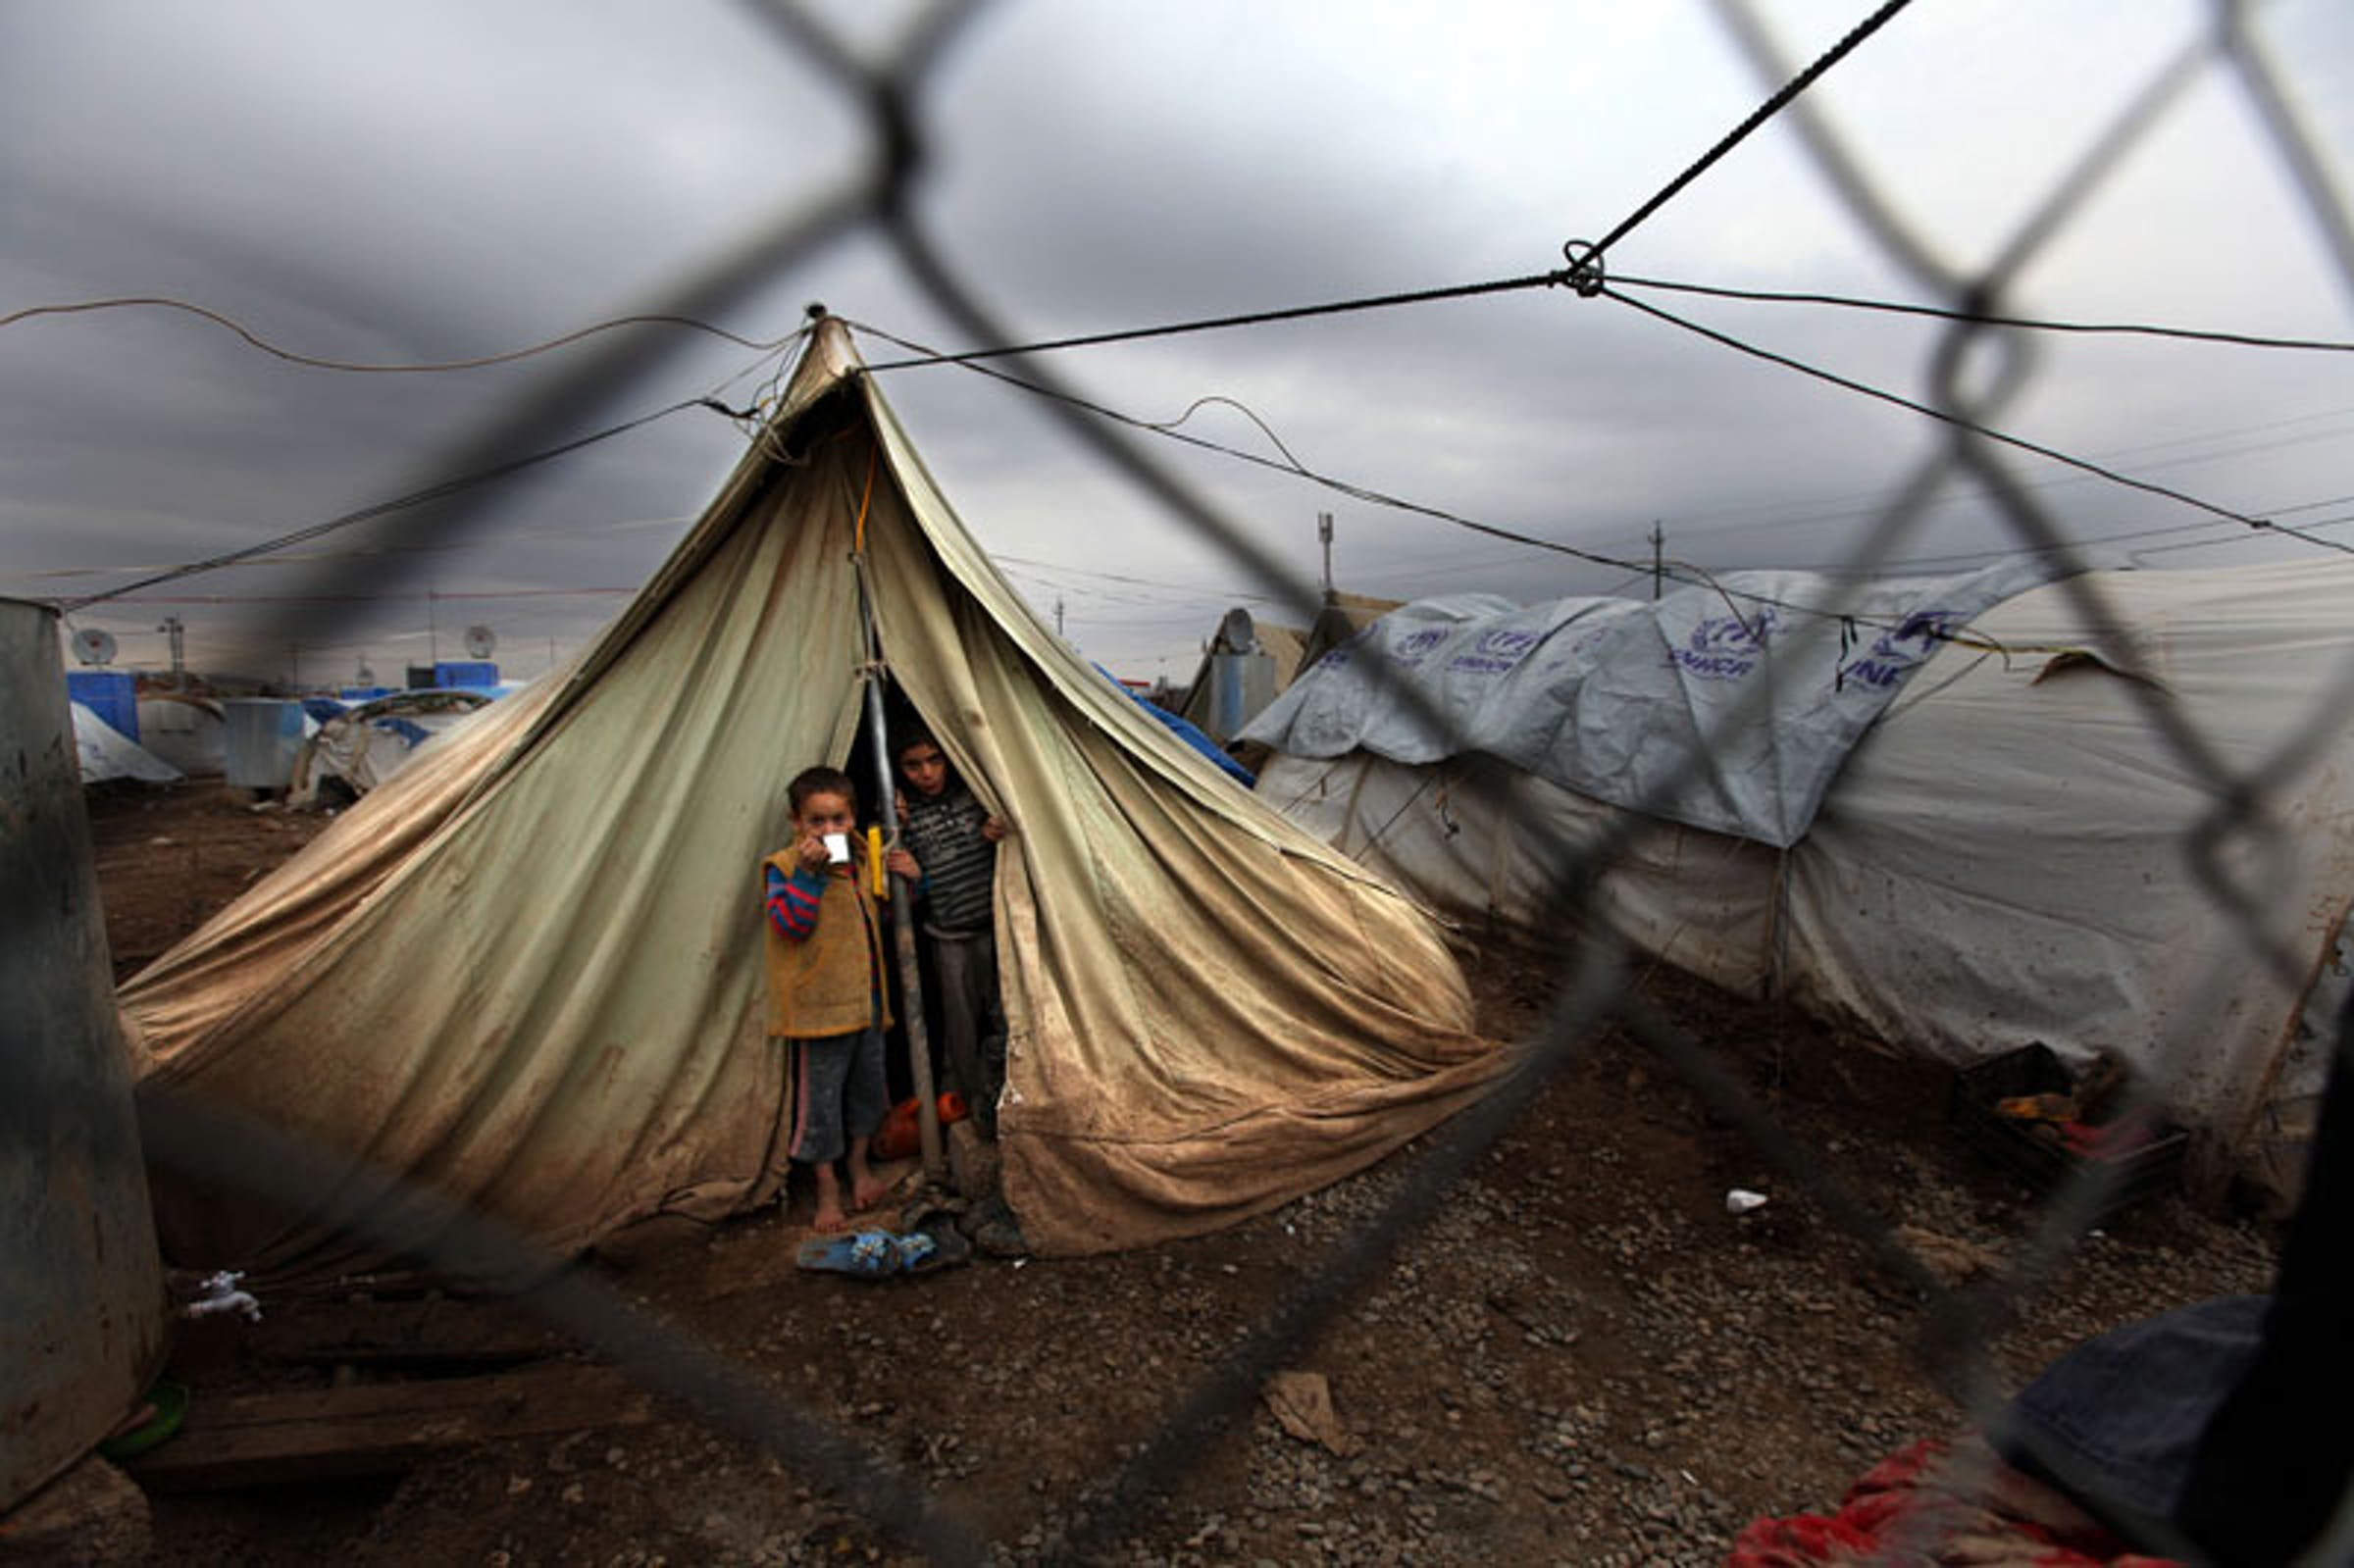 Bambini nella tendopoli di Domiz, in Iraq, che ospita migliaia di profughi siriani - ©UNICEF Iraq/2013/Wathiq Khuzaie